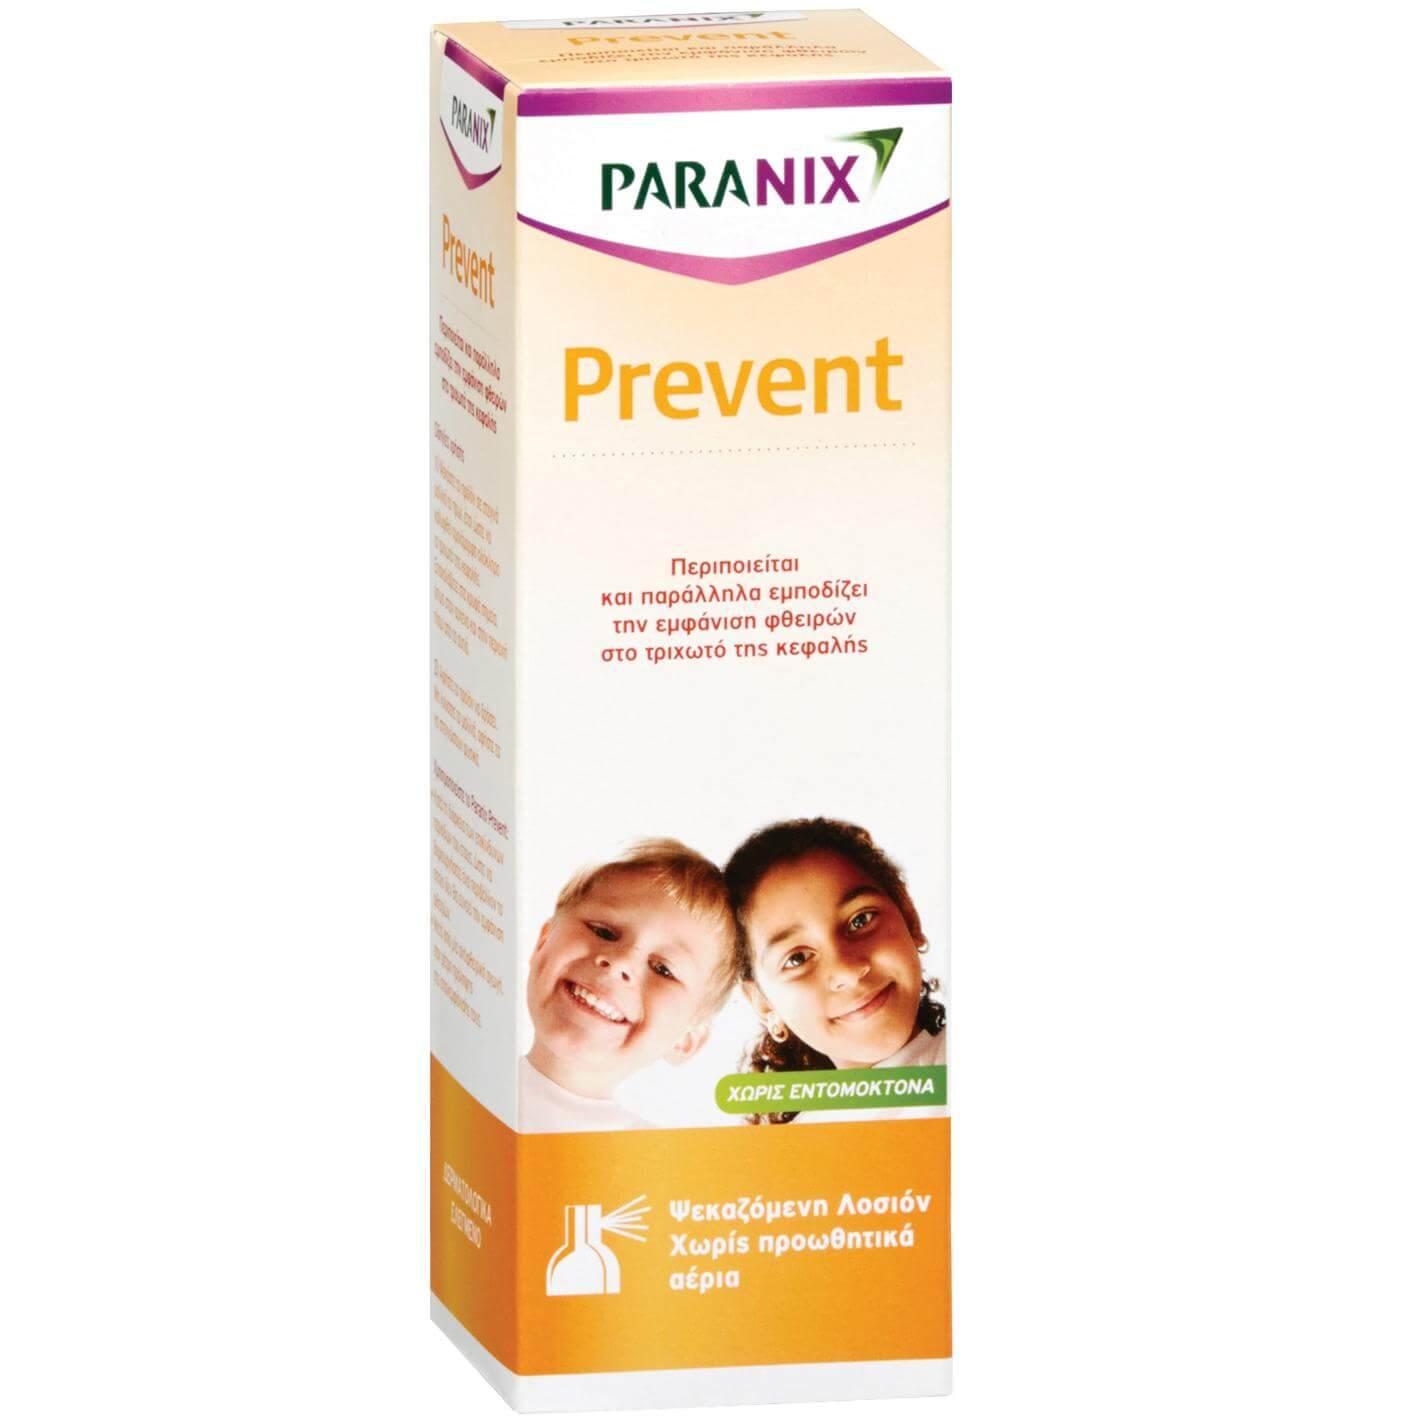 Paranix Prevent Προληπτική Αντιφθειρική Λοσιόν 100ml